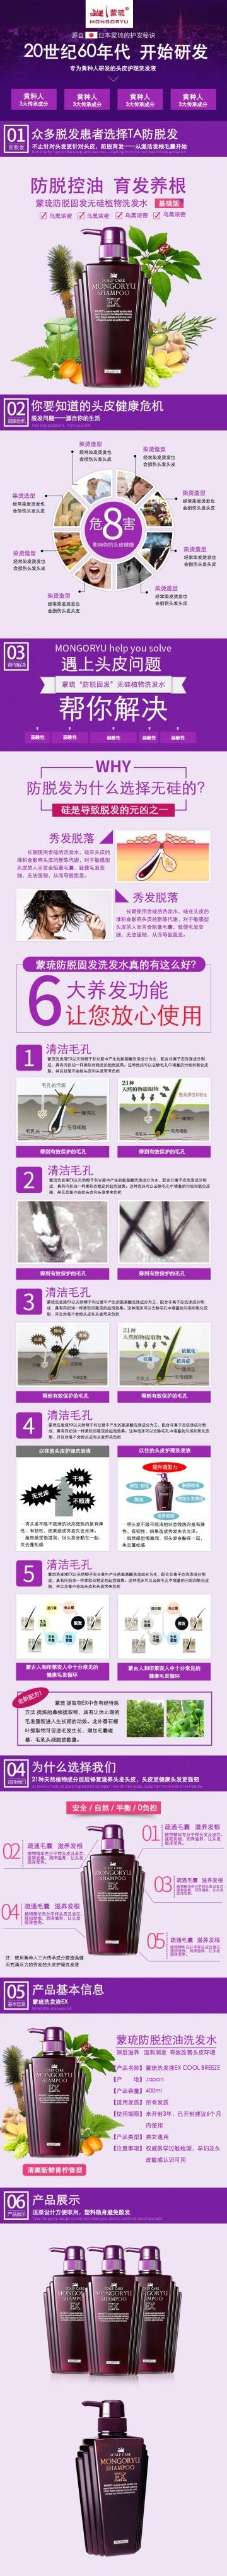 自然简约日本进口防脱育发洗发水电商详情图